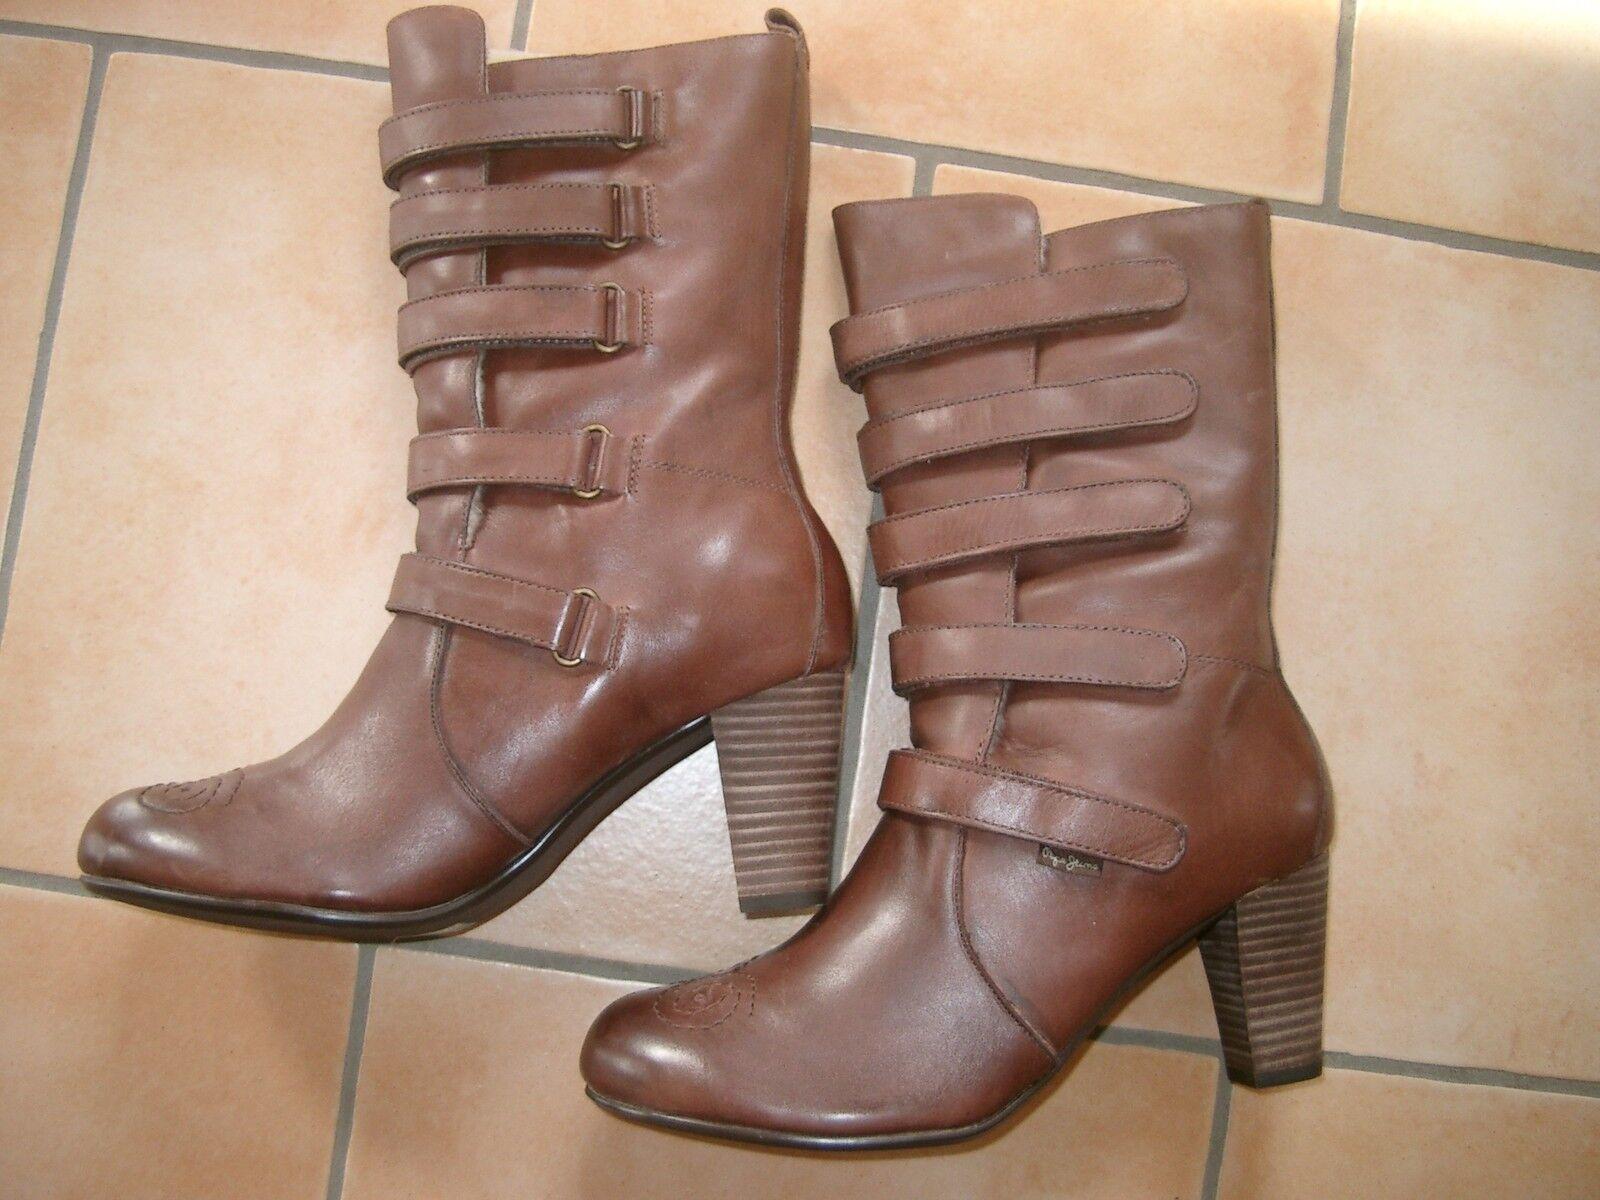 Zapatos especiales con descuento (Z37) Hohe Pepe Jeans Damen Schuhe Leder Stiefel gefüttert Klettverschluß gr.40